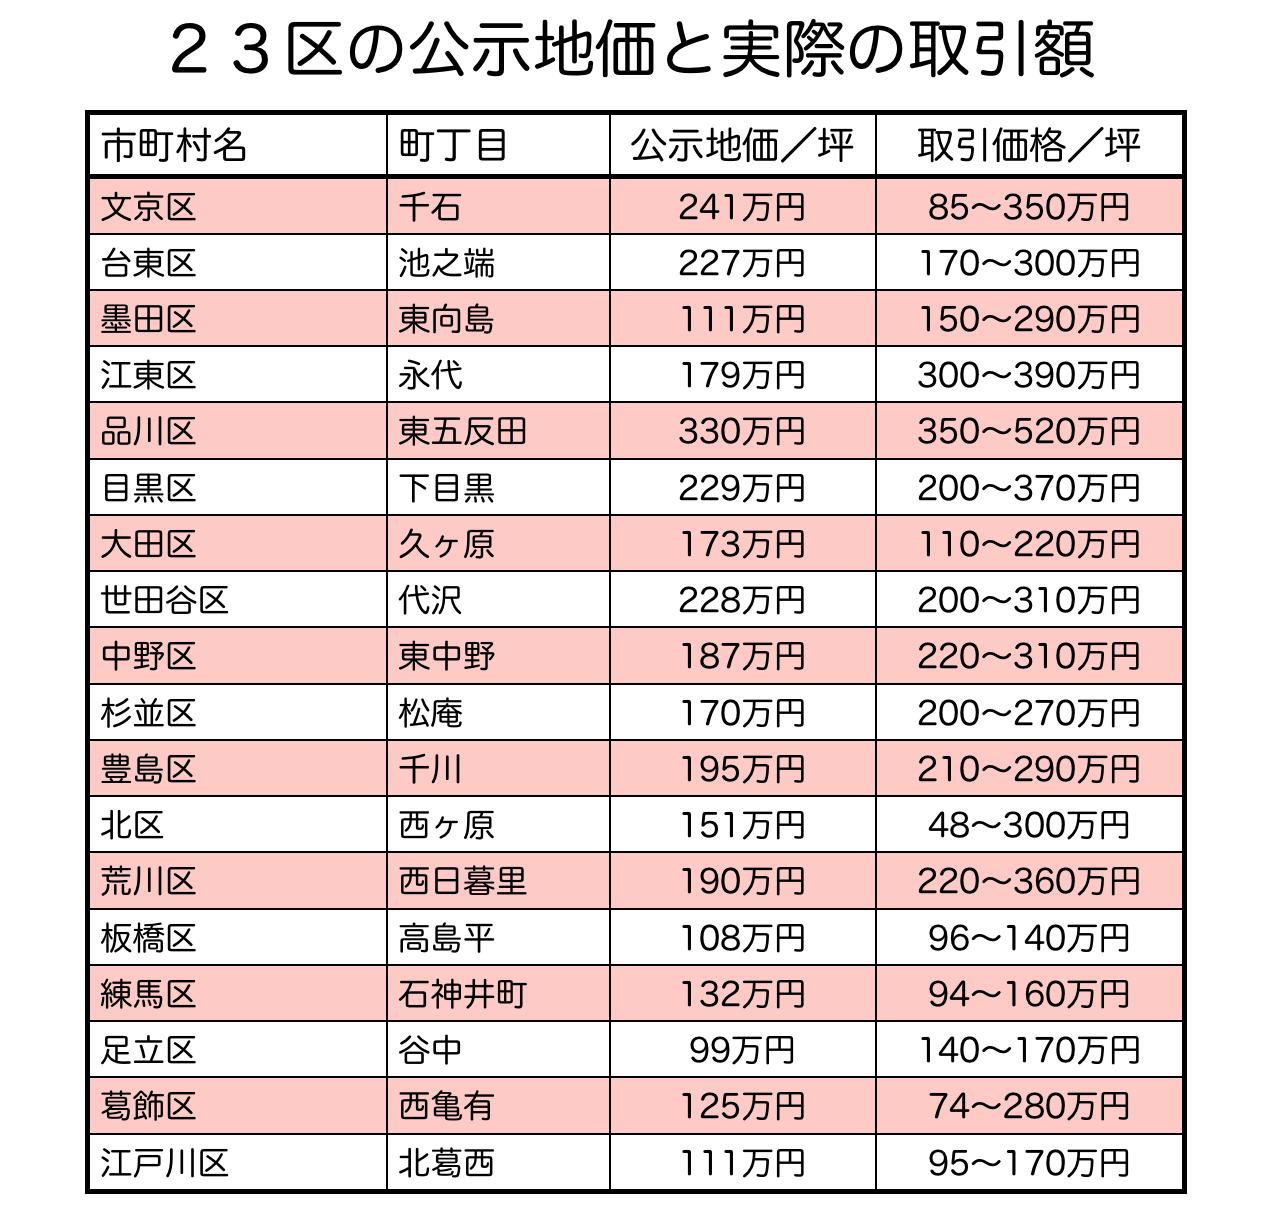 東京23区の公示地価と実際の取引の違い